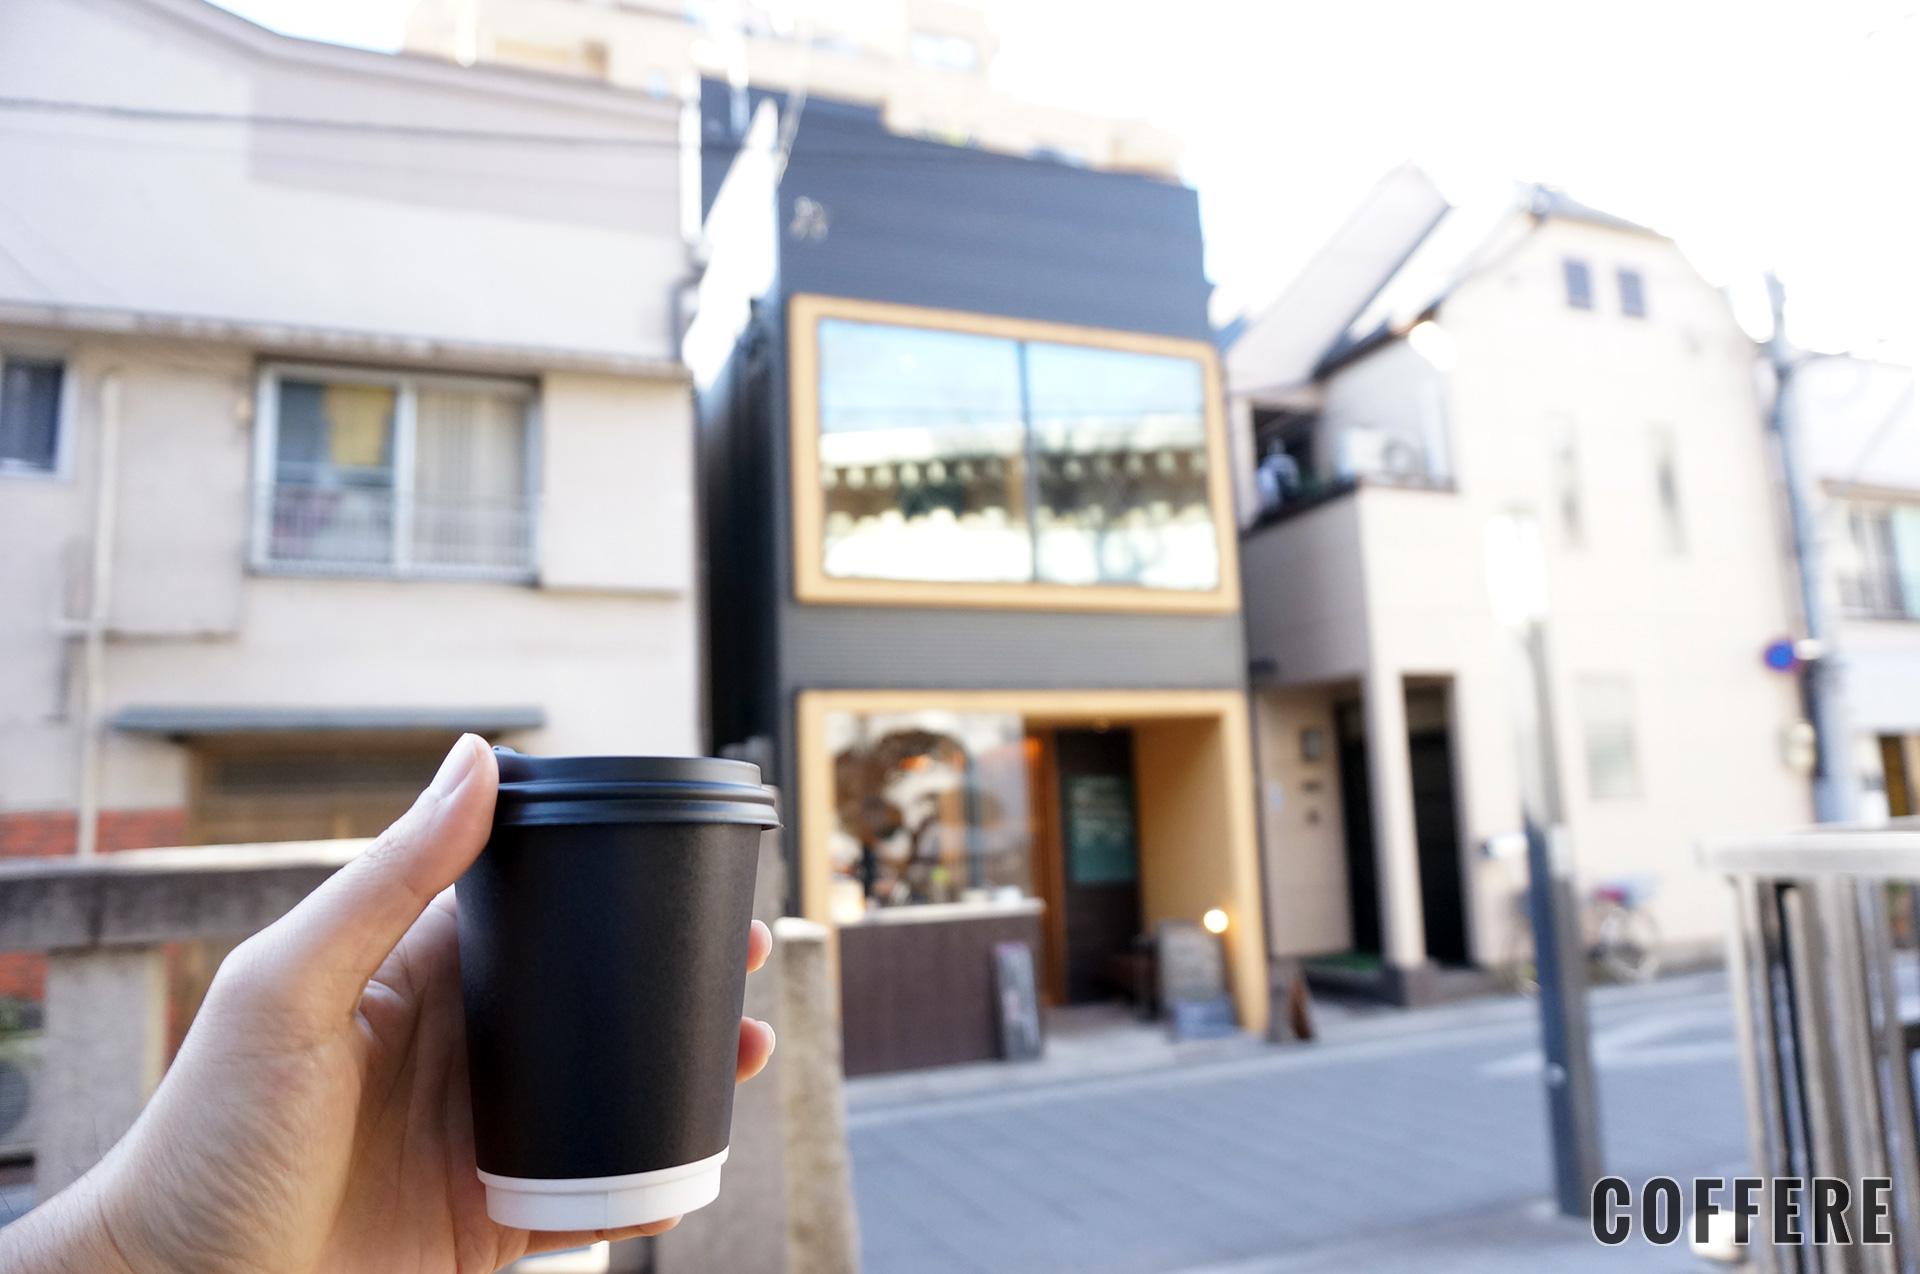 こぐま屋珈琲店のテイクアウトカップ